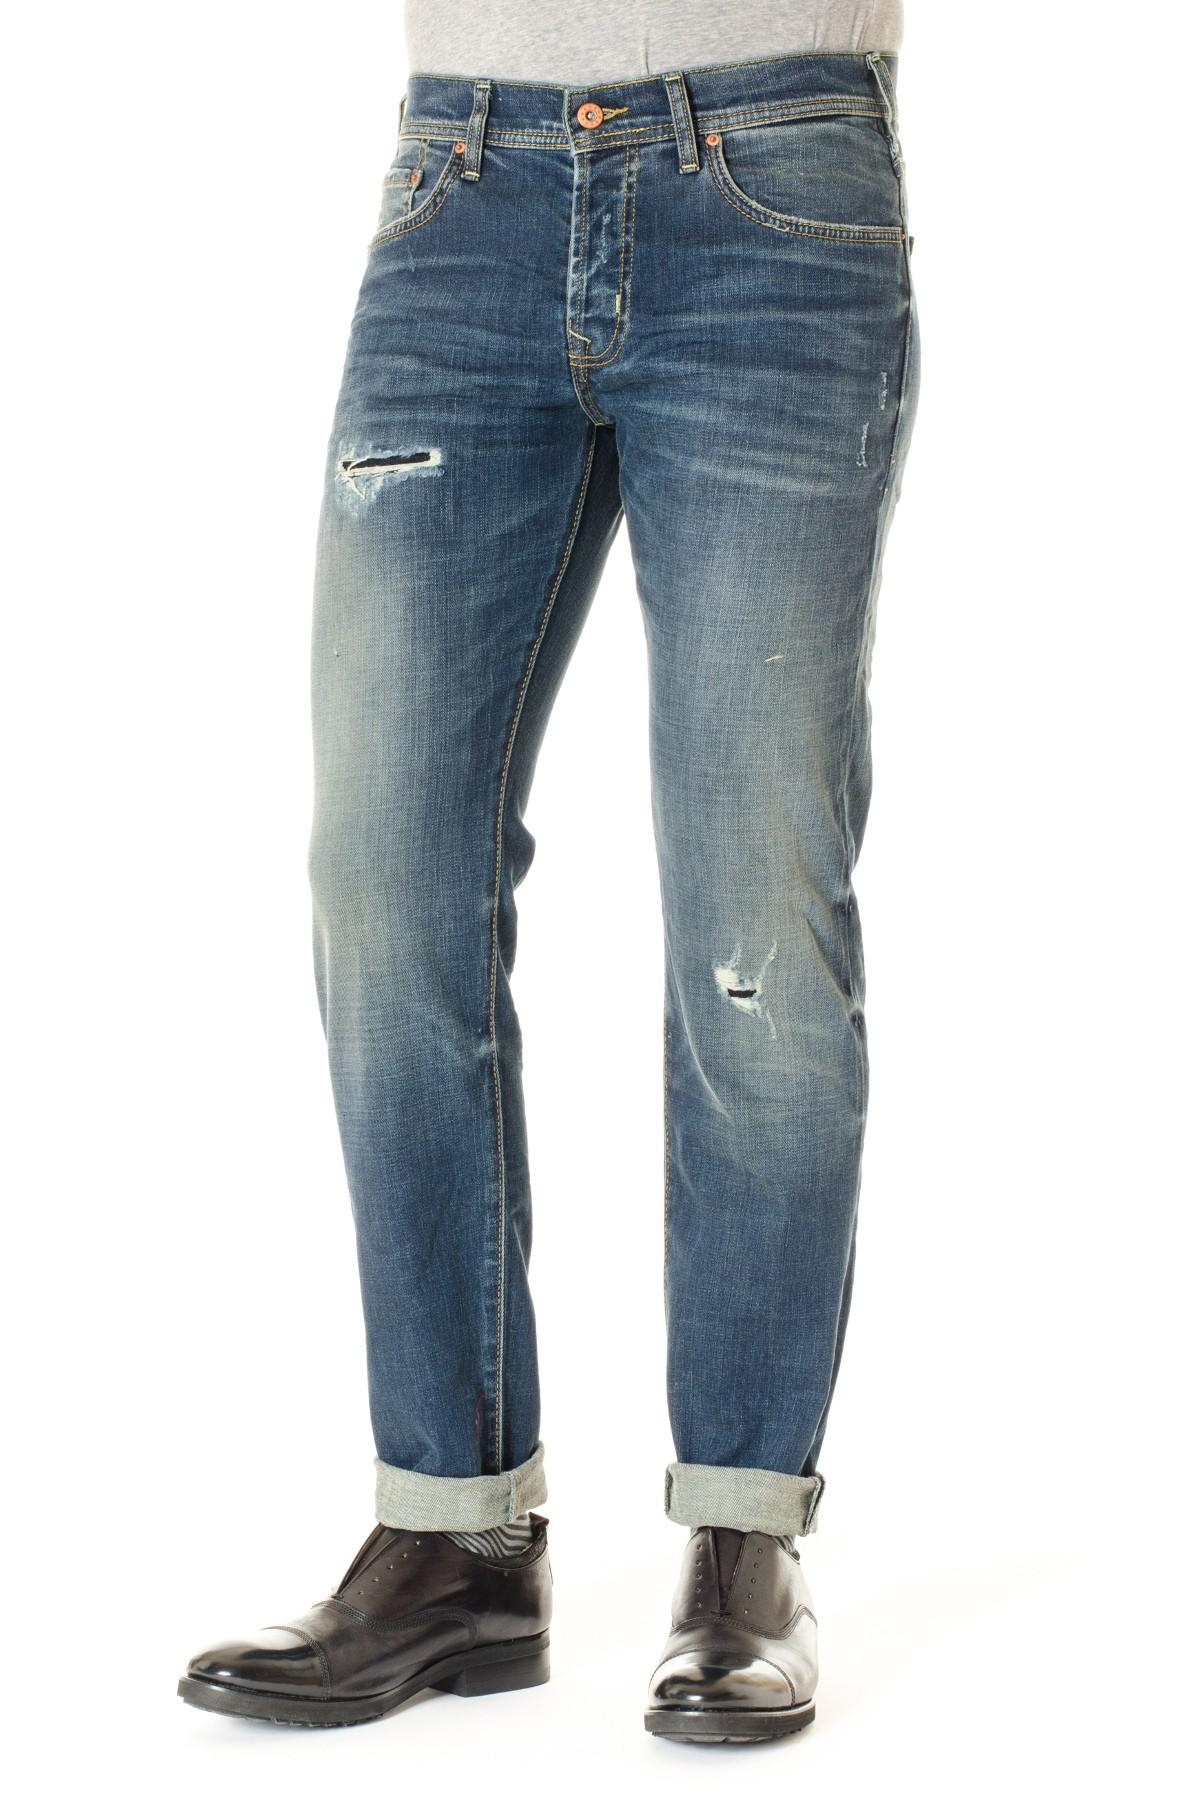 A/I 16-17 Jeans uomo BRIAN DALES denim con strappi - Rione Fontana